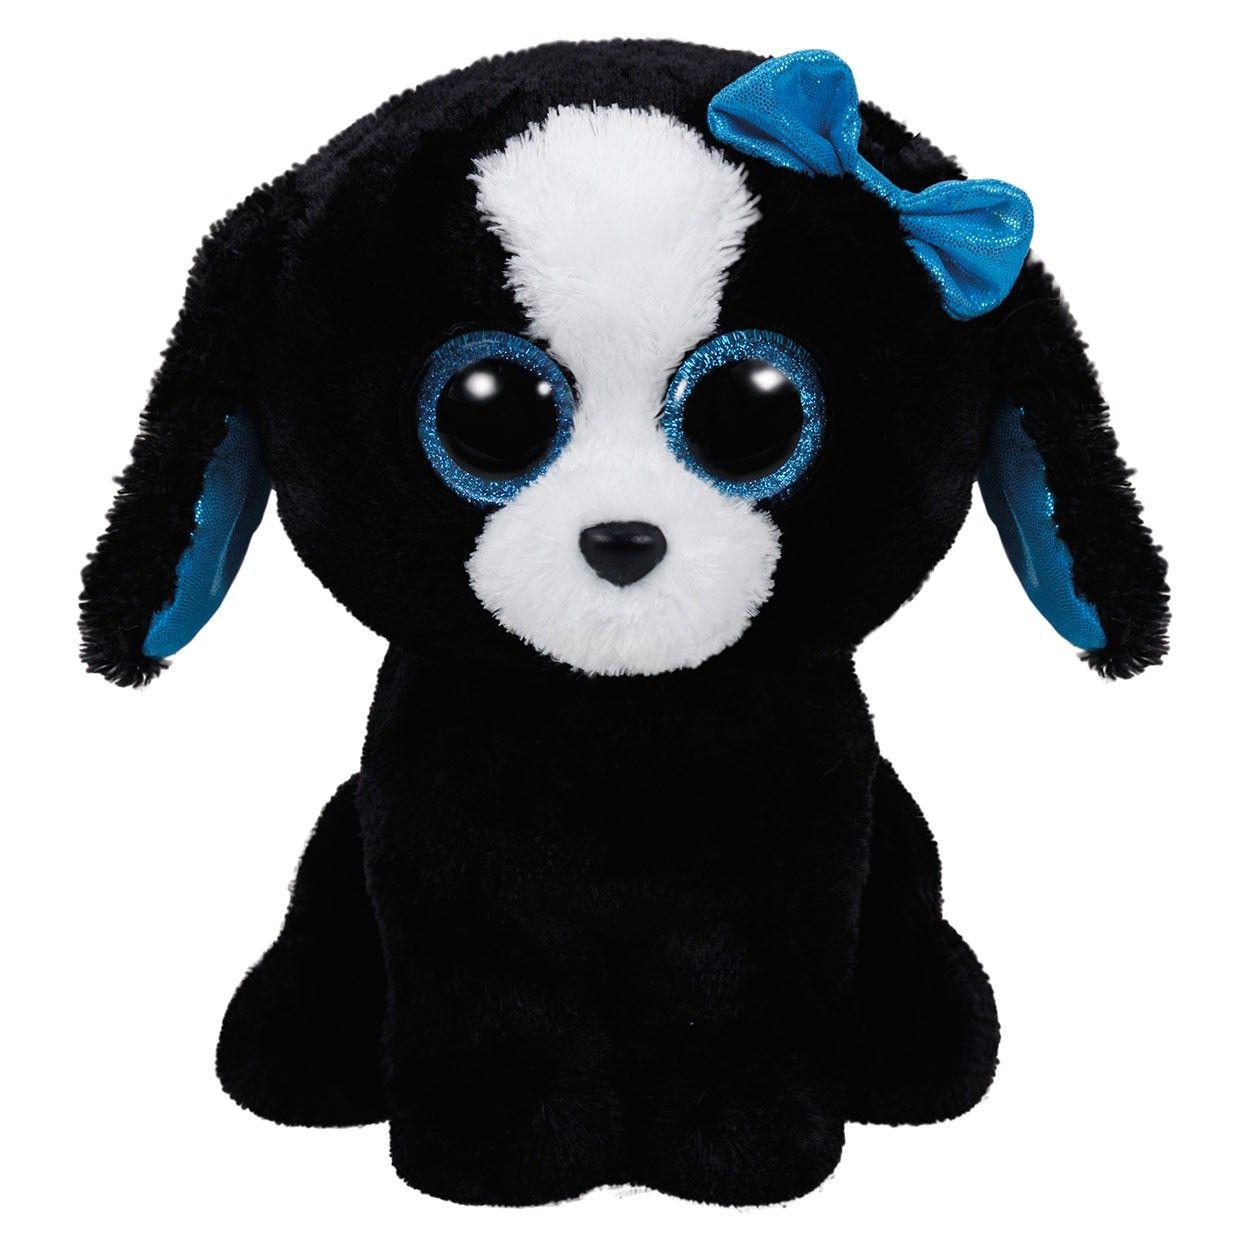 Ty Beanie Buddy knuffel genaamd Tracey. Dit hondje heeft een blauwe  glimmende strik op haar hoofdje 1b0b14008706